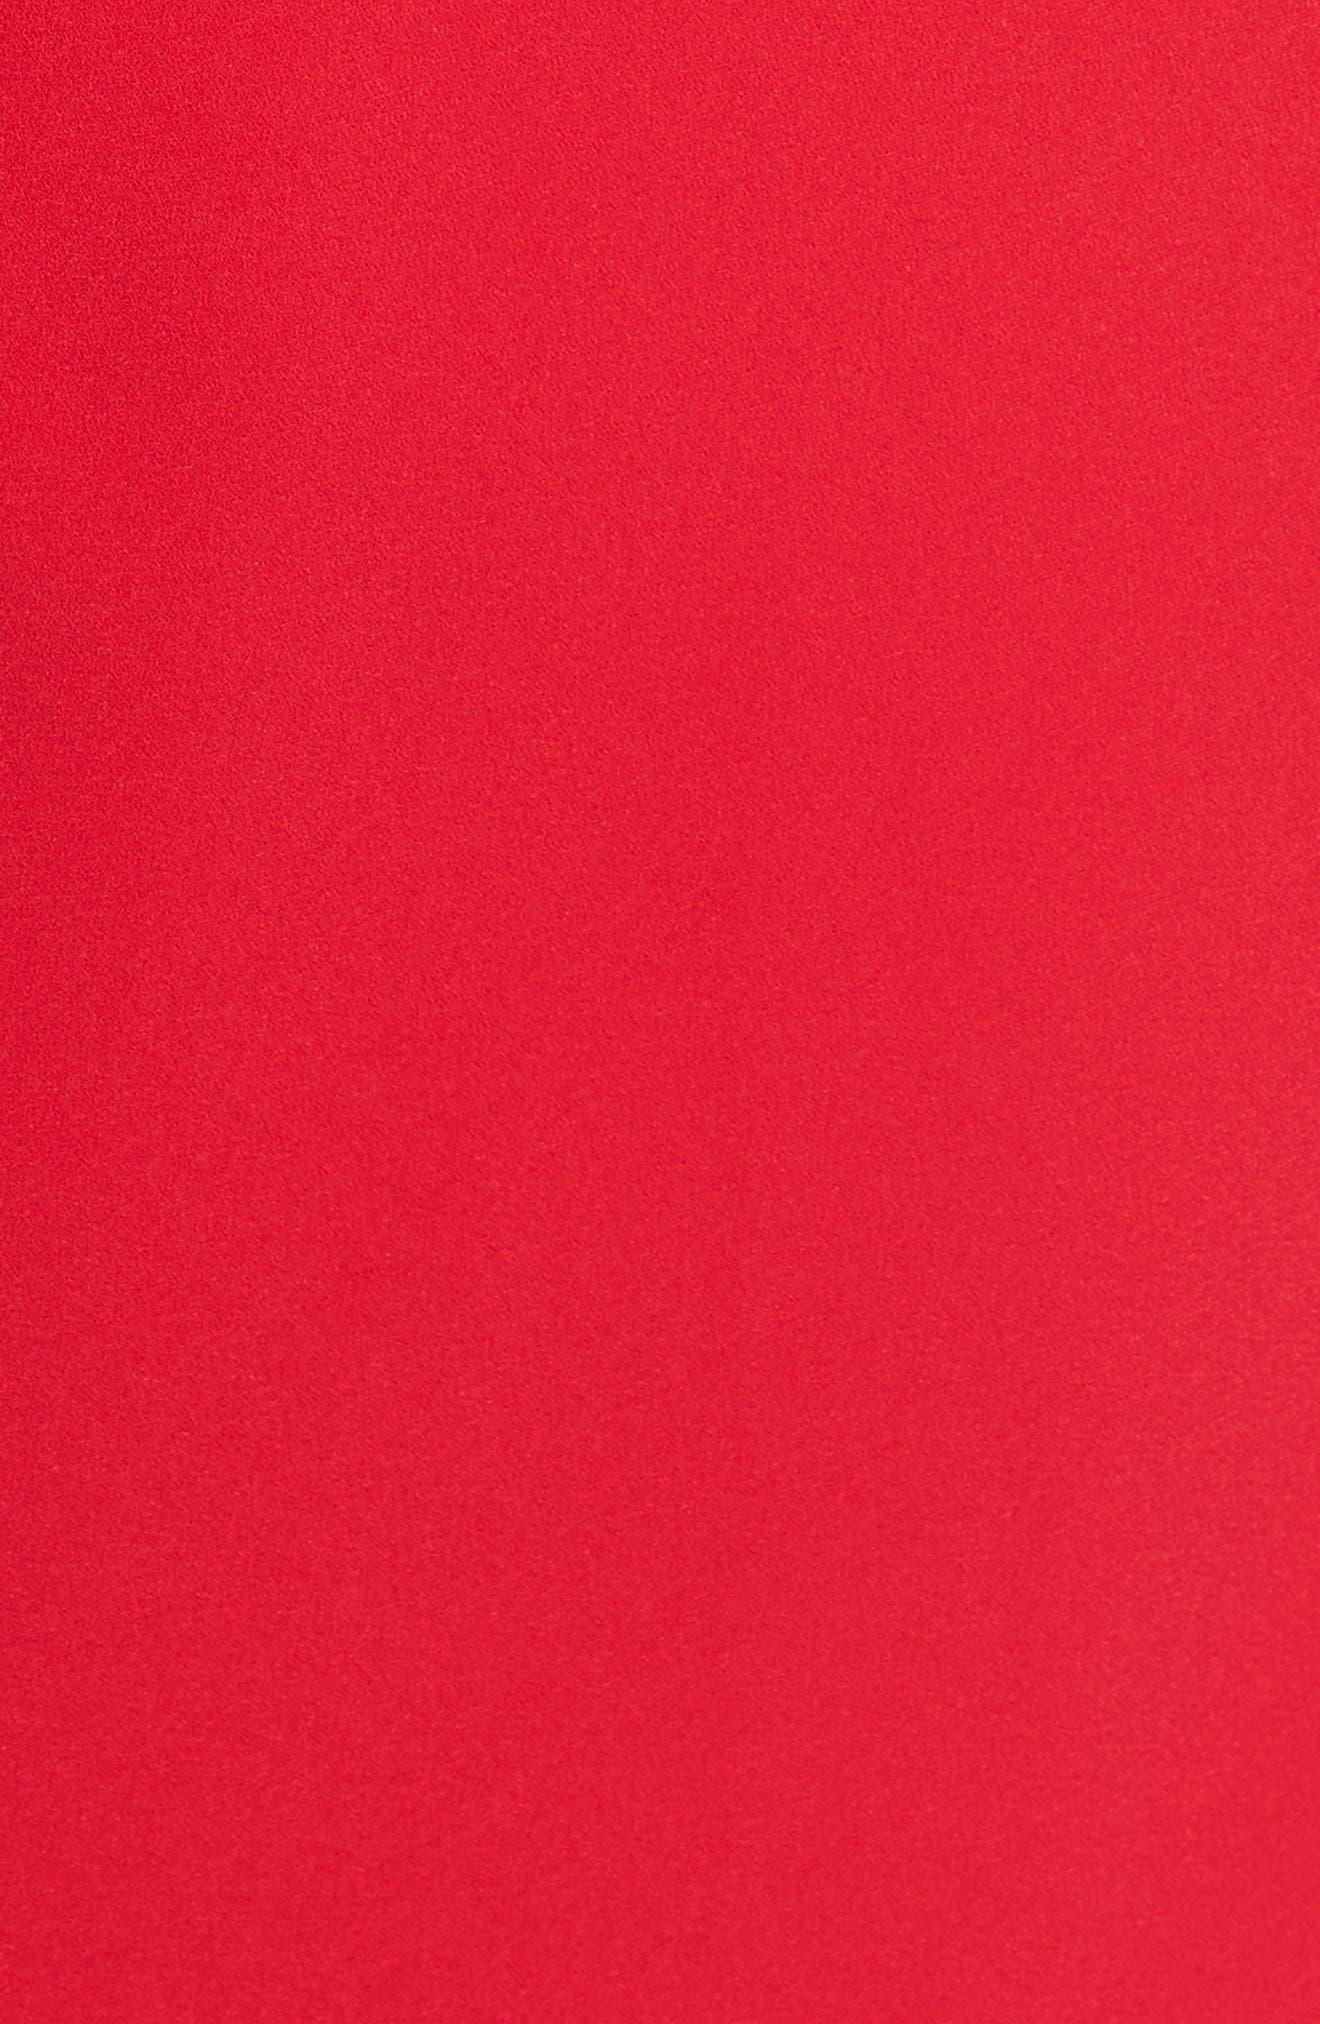 Asymmetrical Crepe Sheath,                             Alternate thumbnail 6, color,                             600